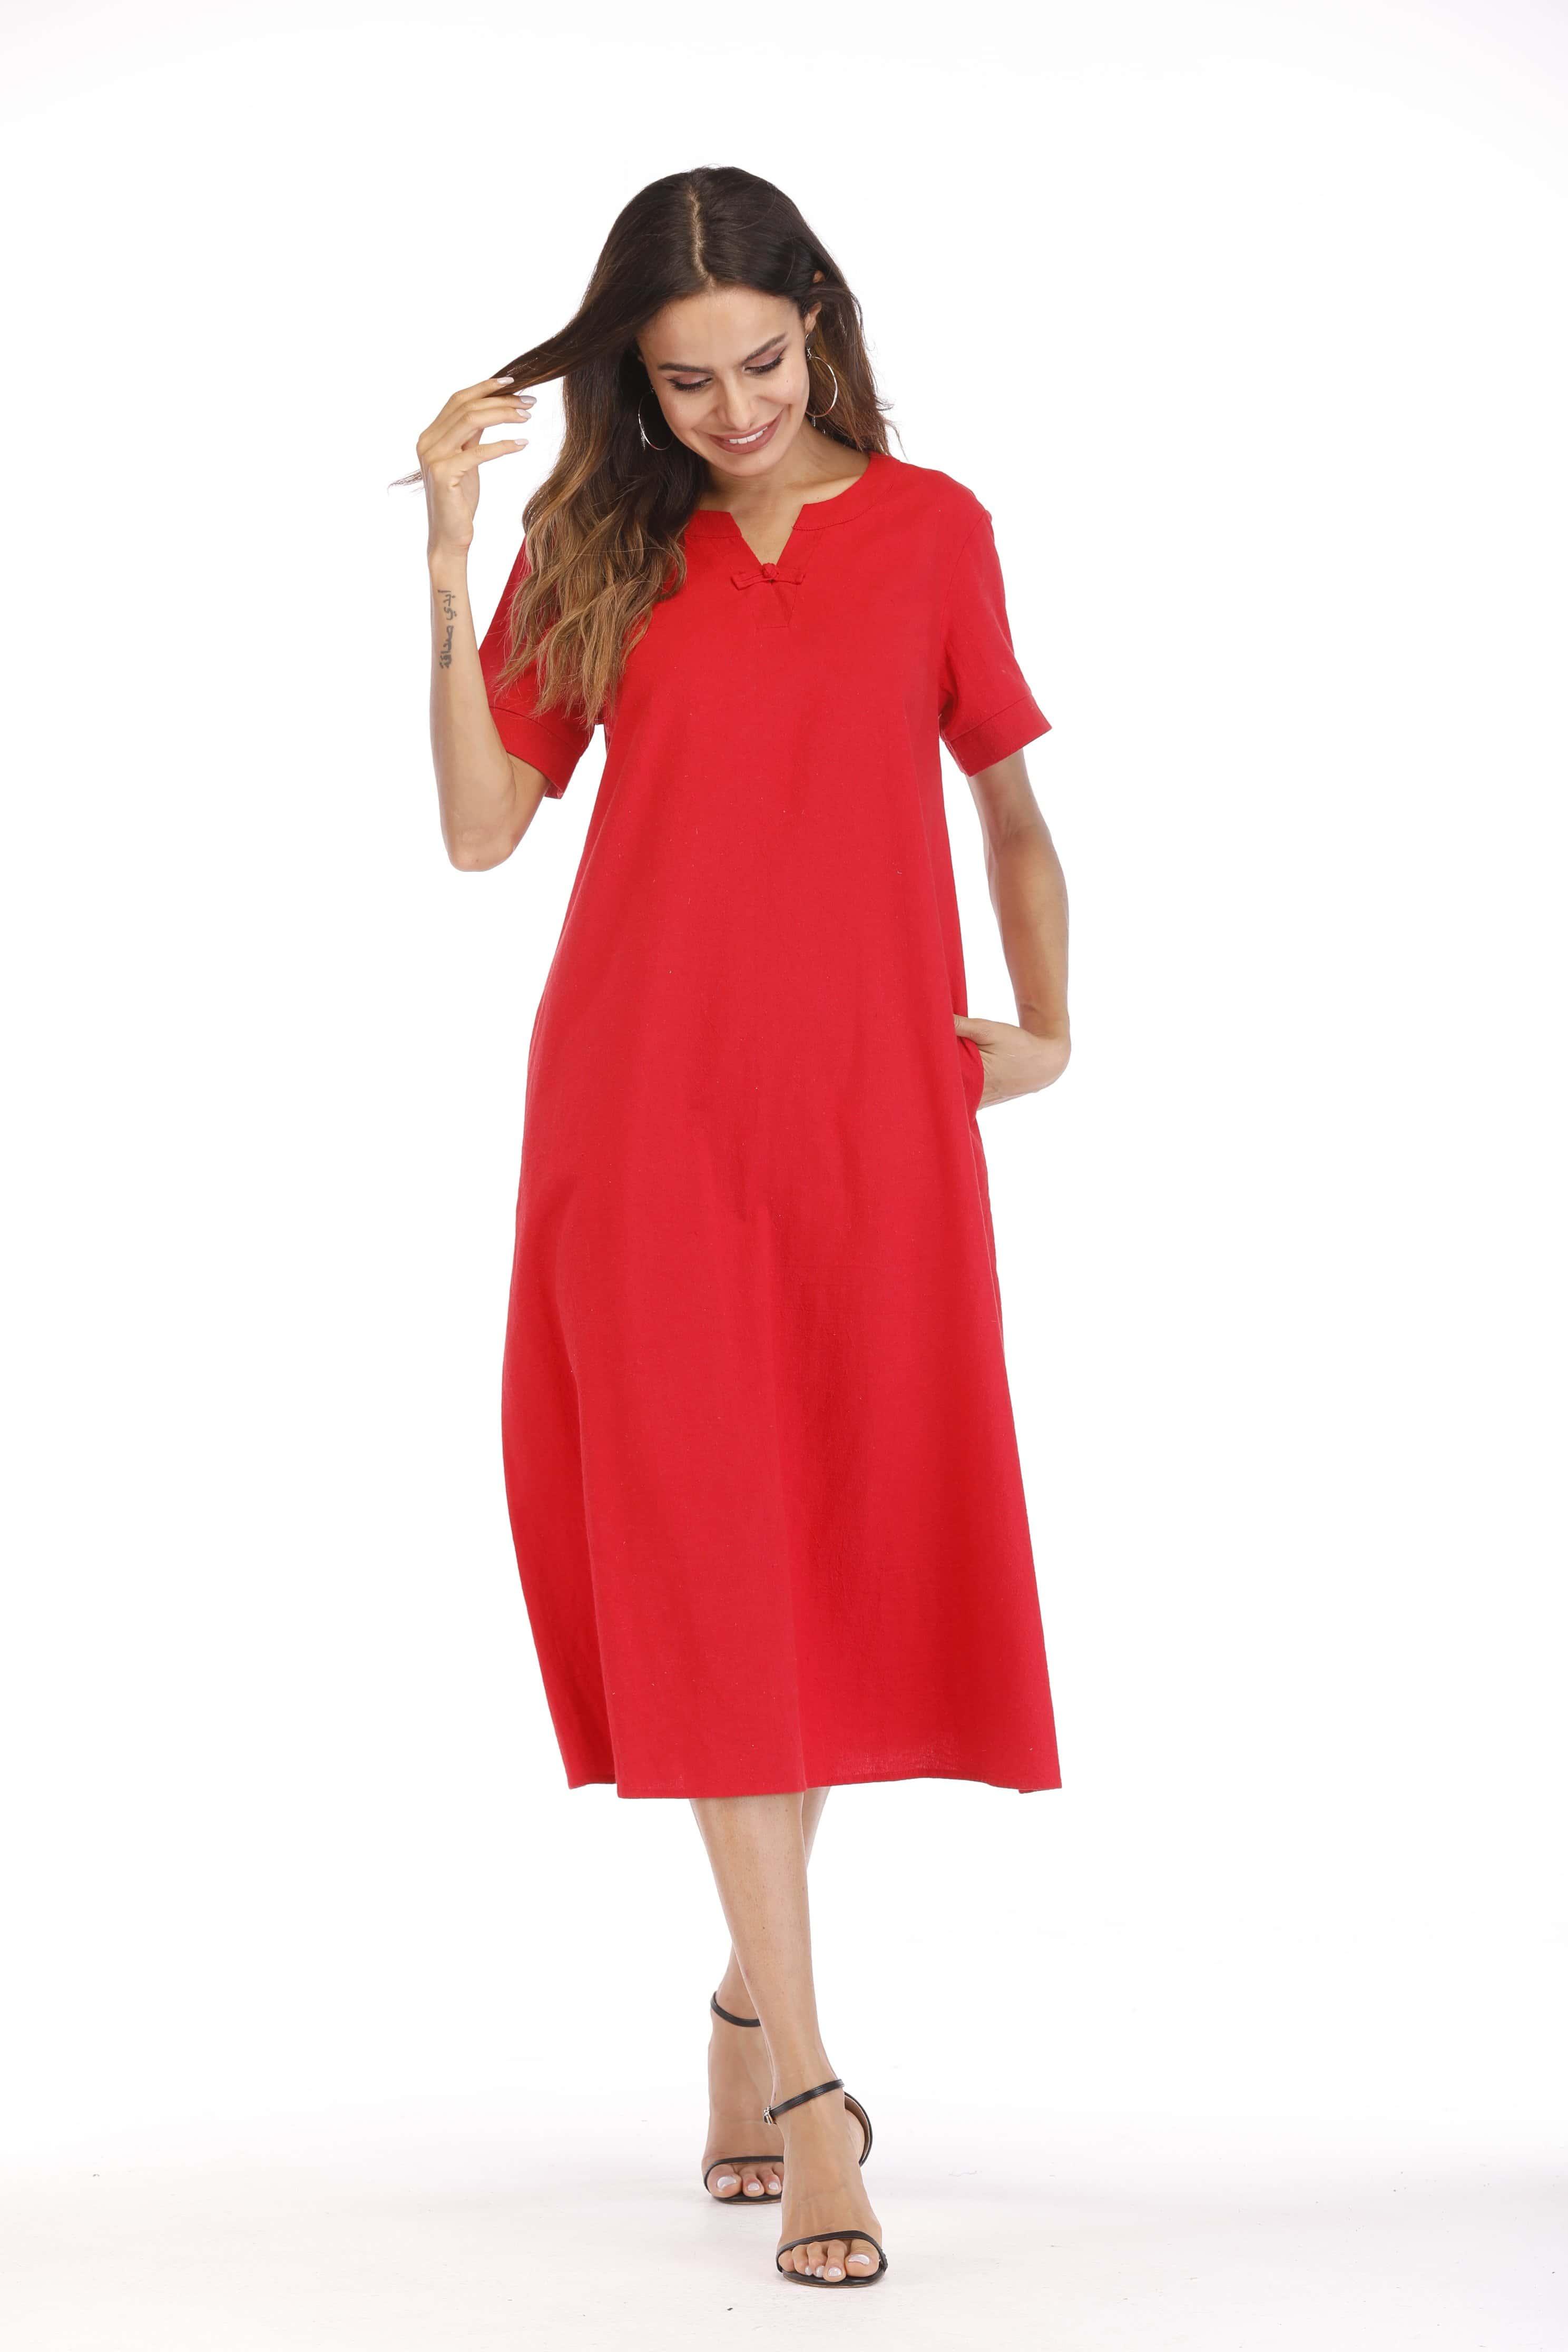 V Neck Hidden Pocket Dress hidden pocket striped dress